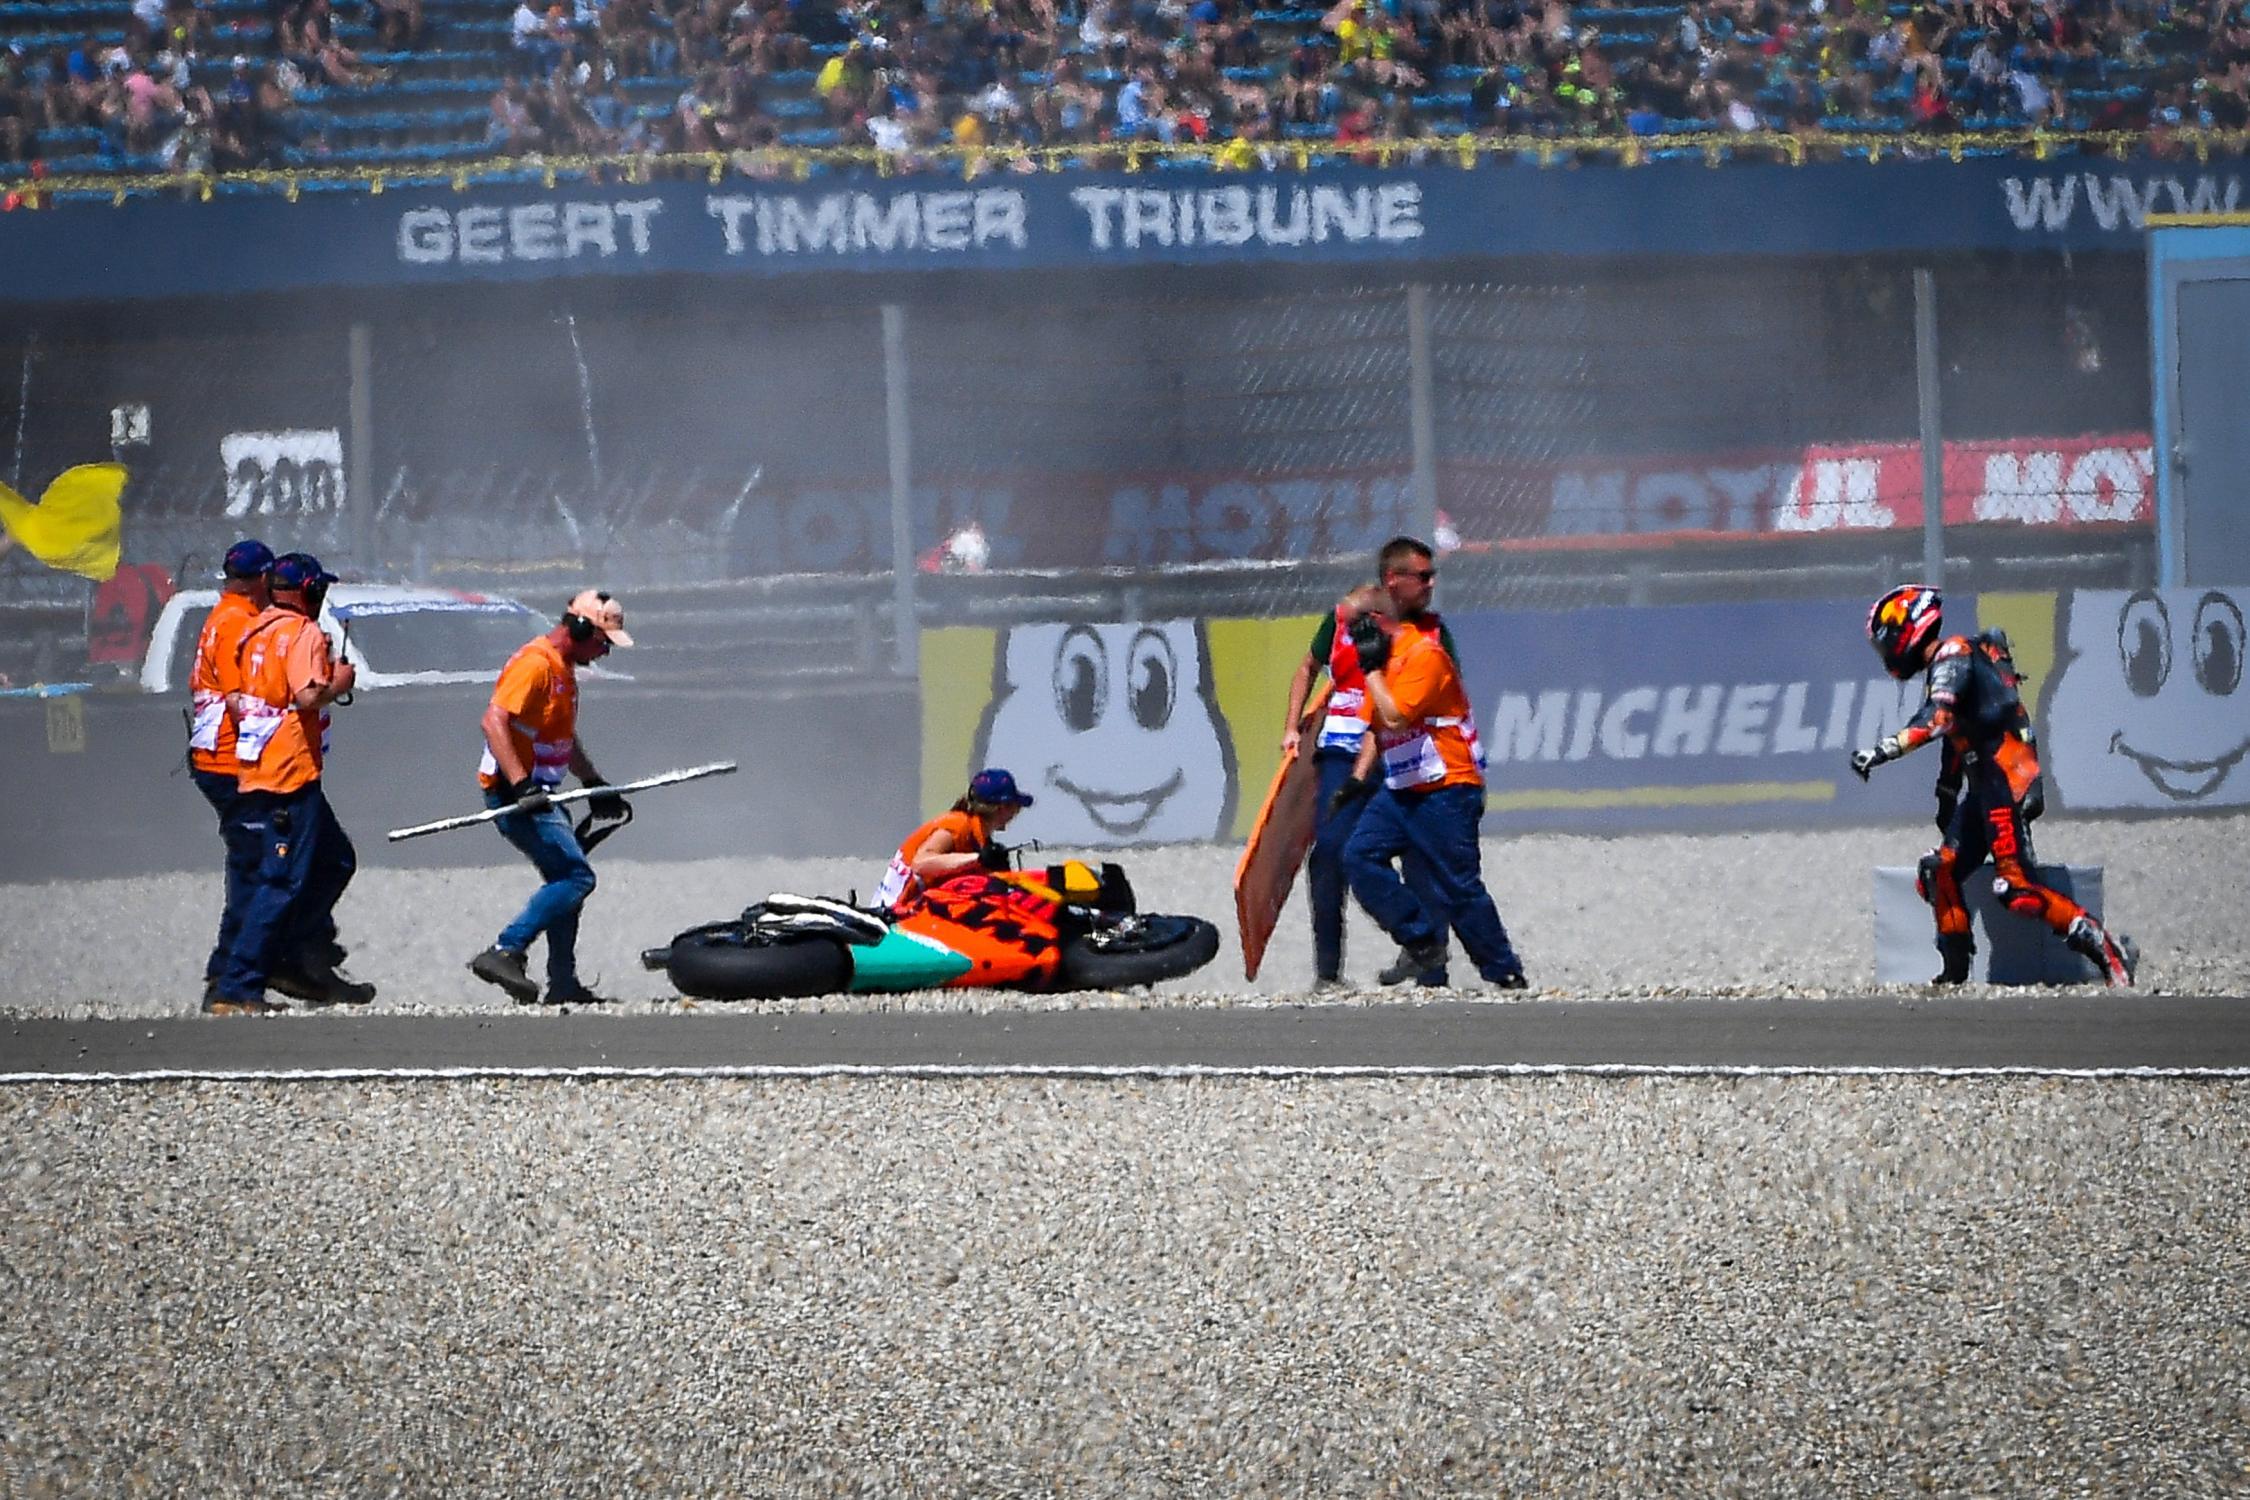 MOTO GP : GRAND PRIX DES PAYS BAS ASSEN DU 28 AU 30 JUIN 2019 Johann-zarco-crash-assen-motogp-2019-2